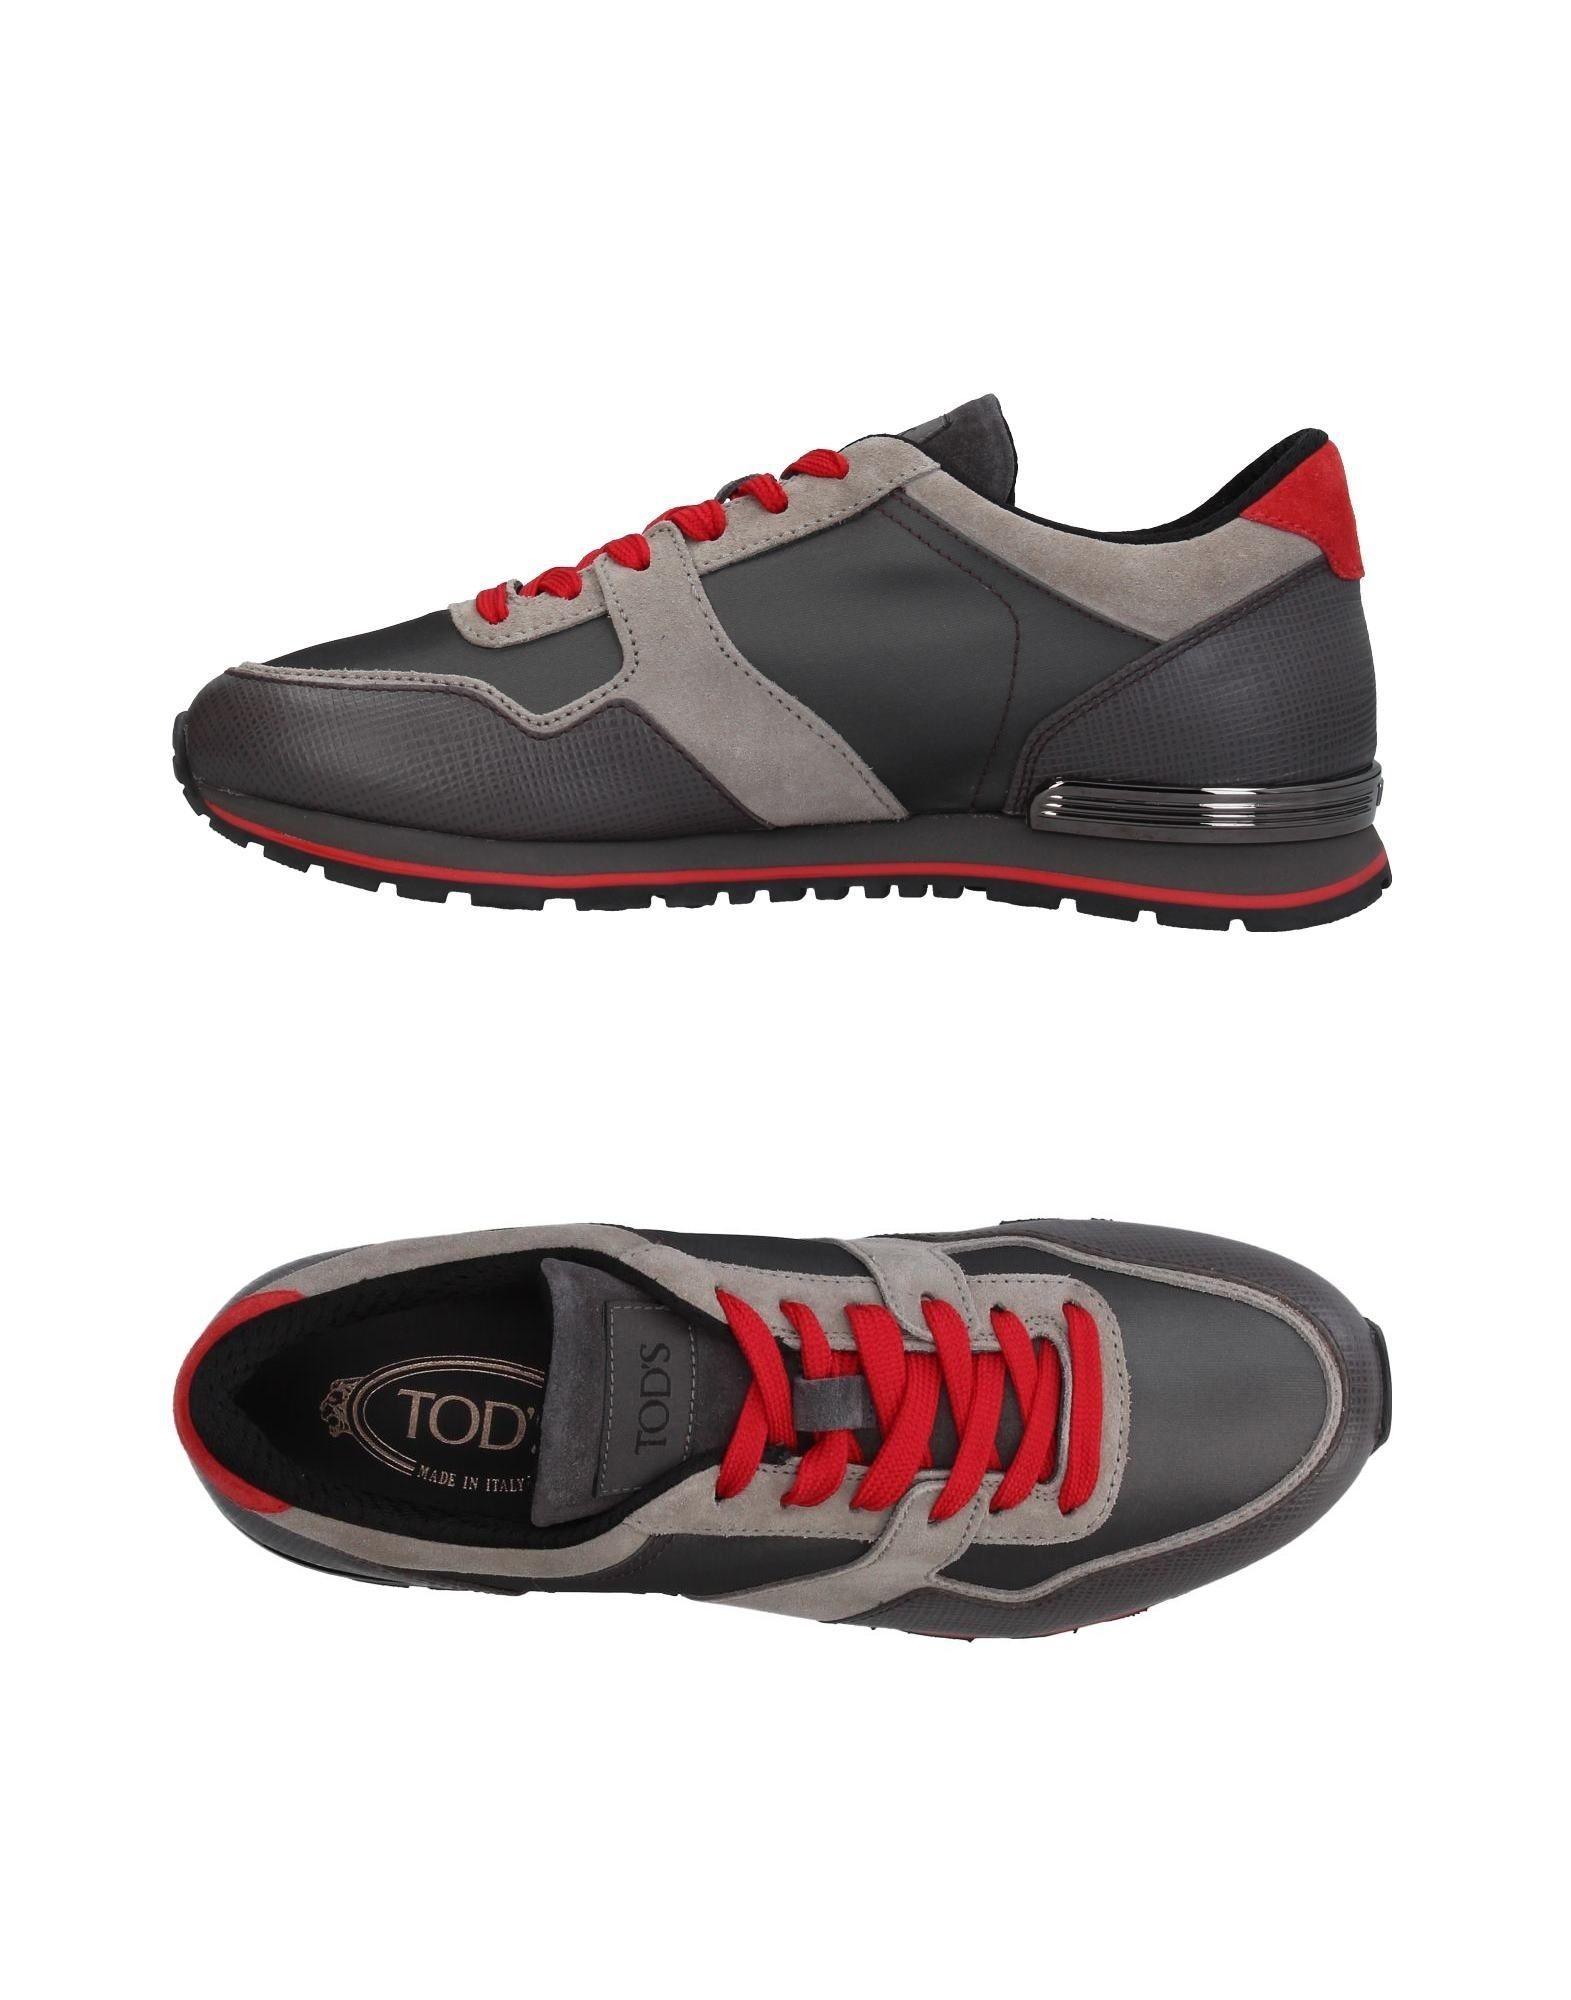 Tod's Sneakers Herren  11396973GW Gute Qualität beliebte Schuhe